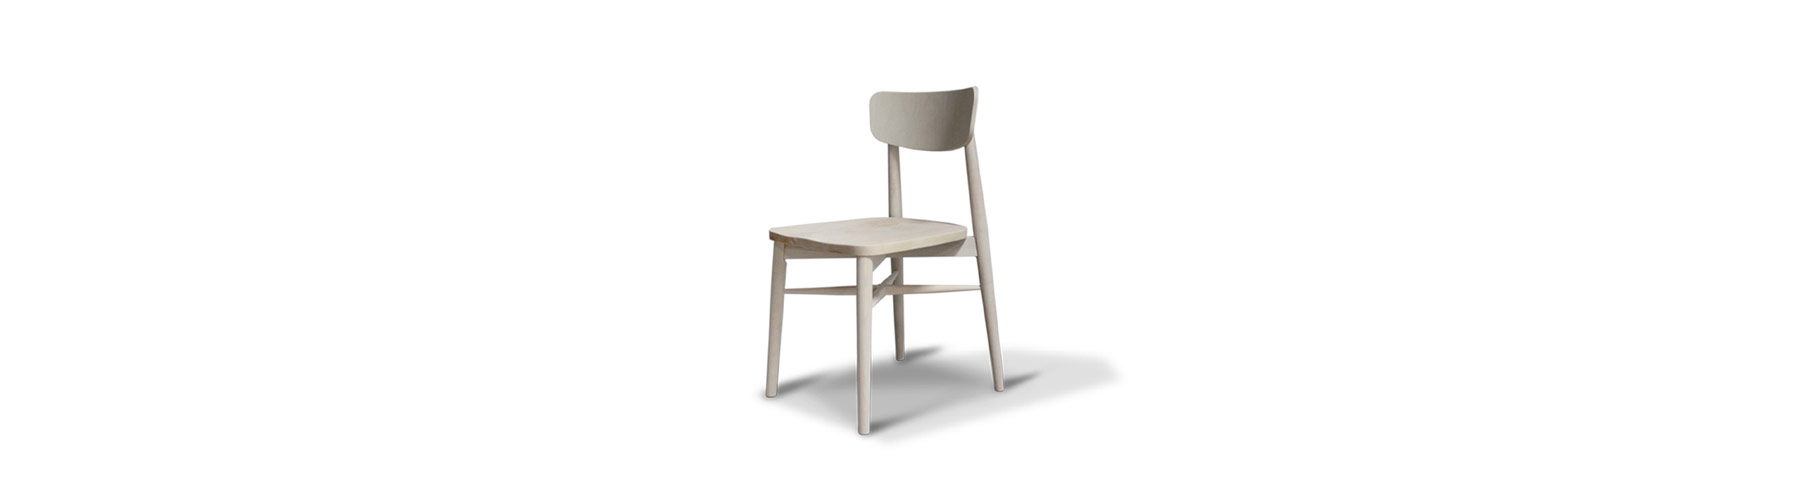 Lolo - Chaise William